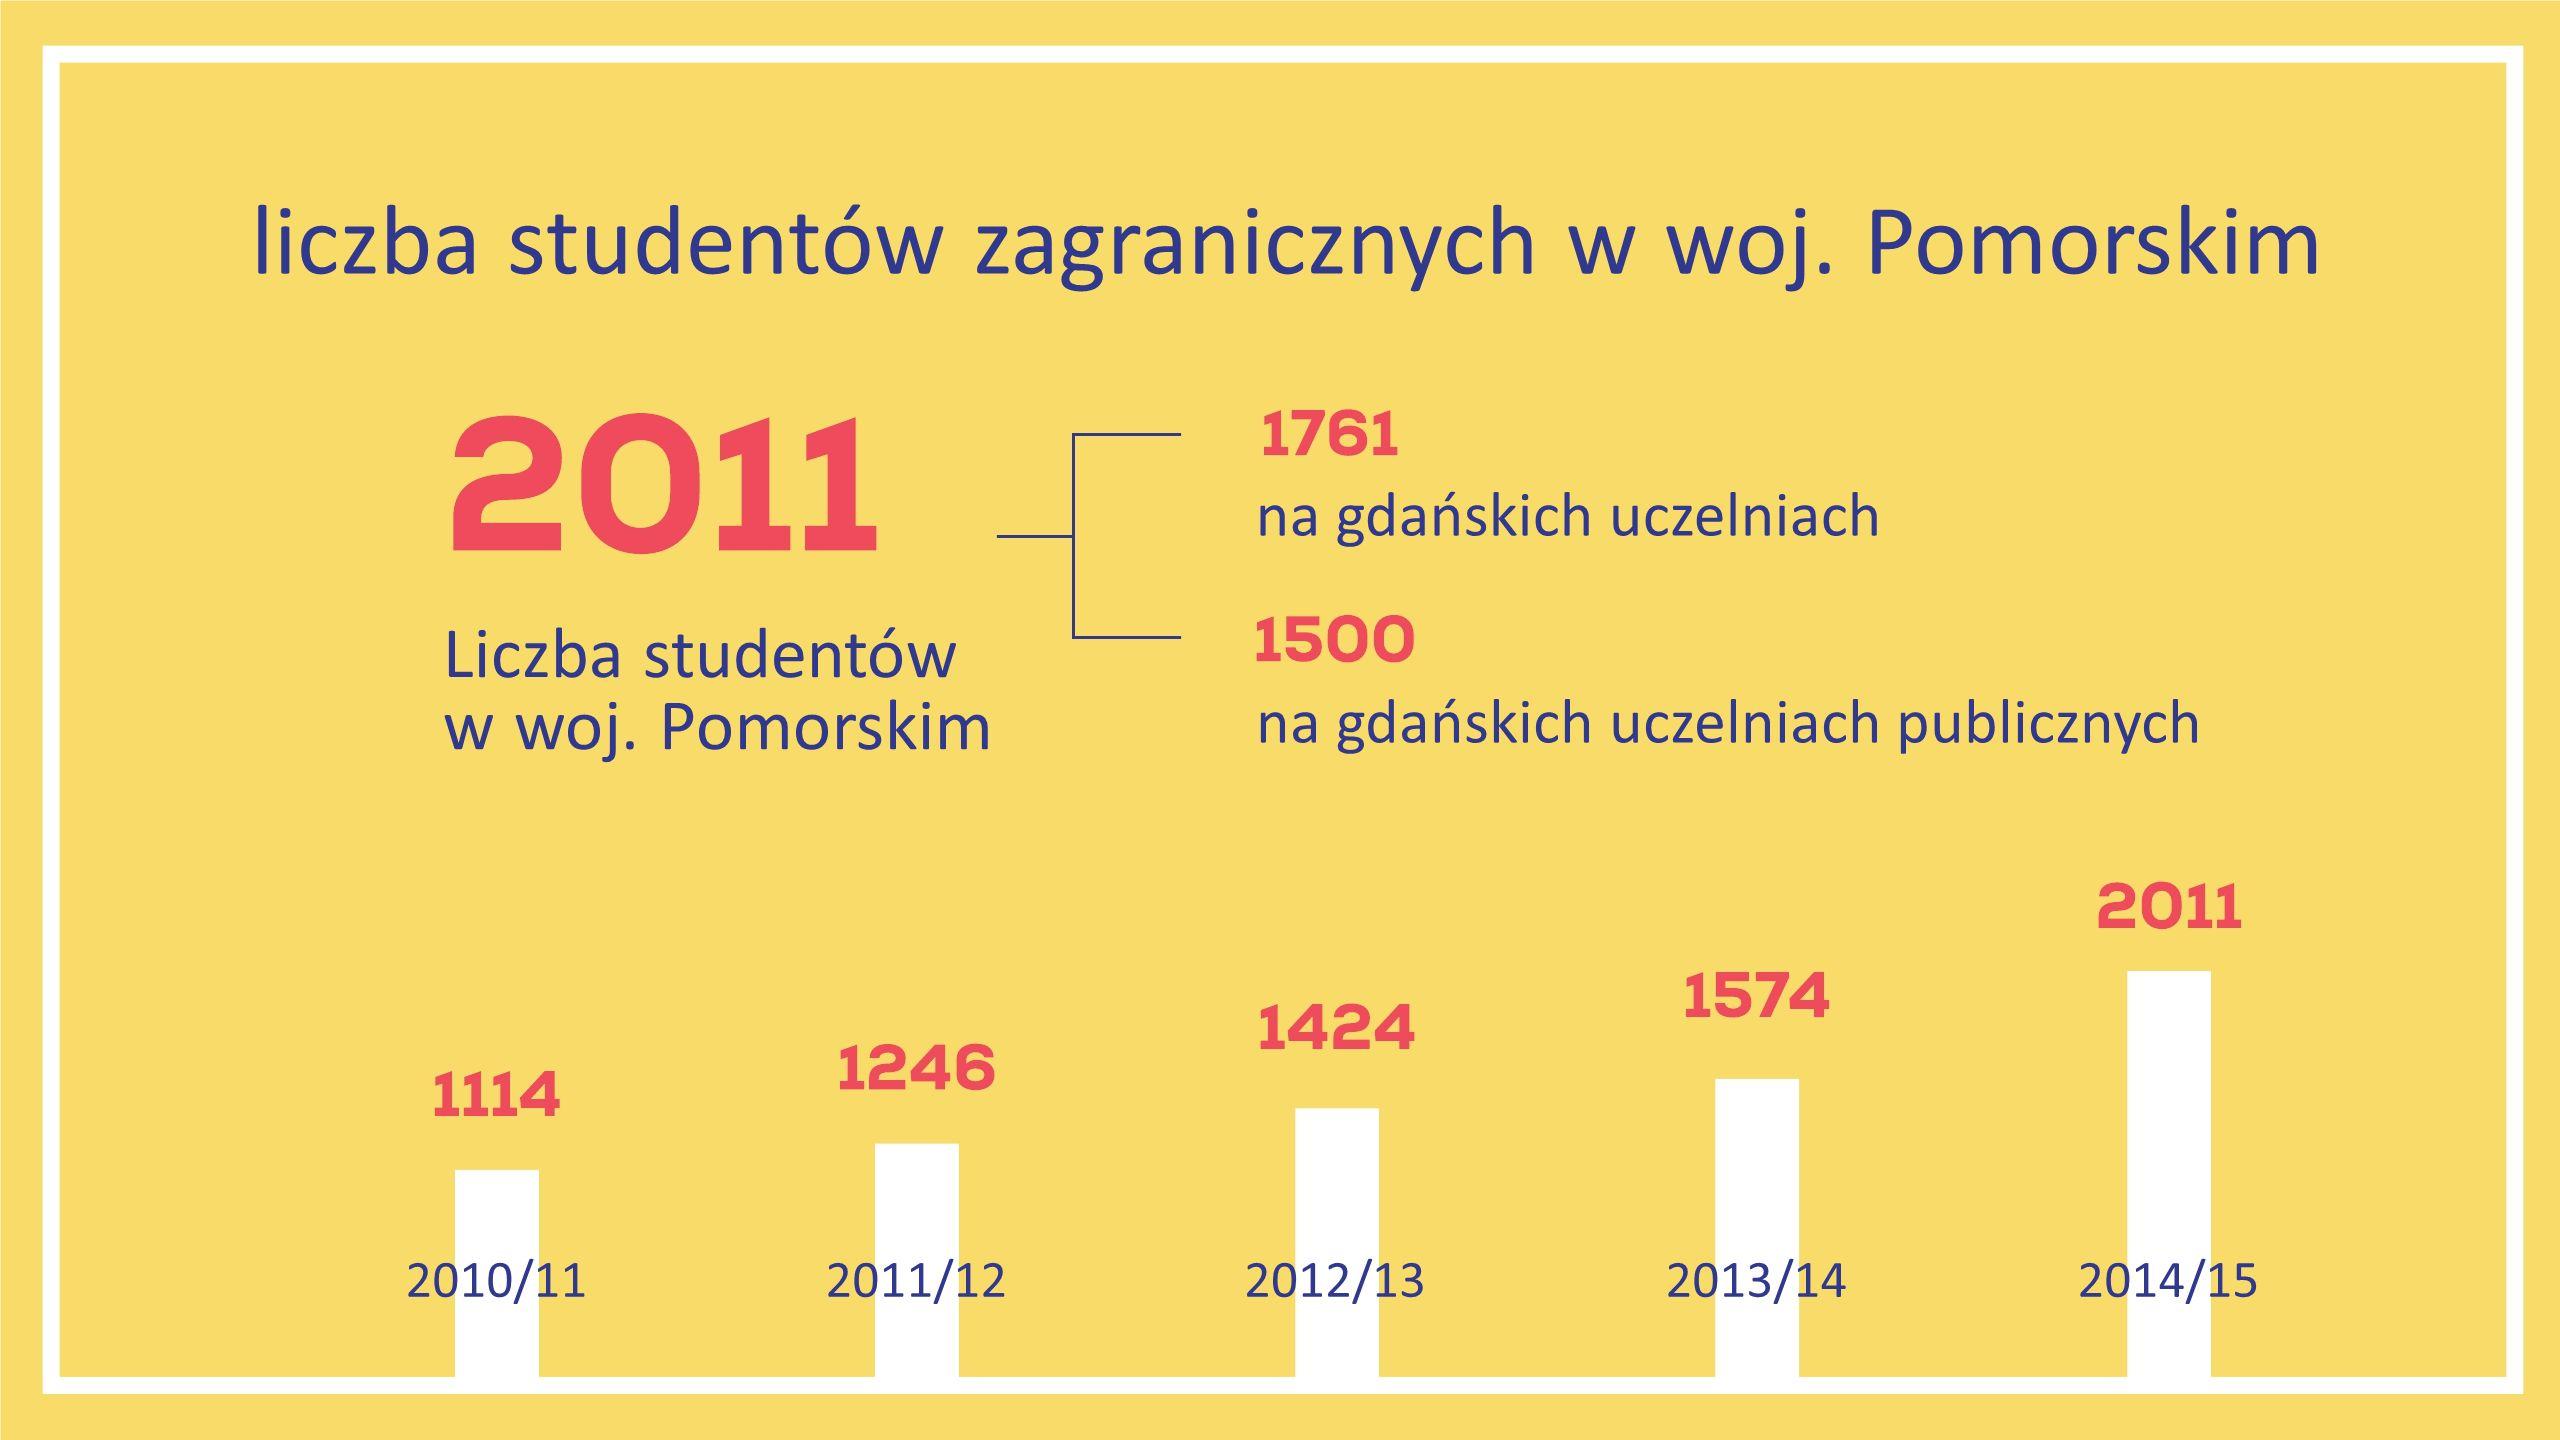 2013/142014/152012/132011/122010/11 Liczba studentów w woj.